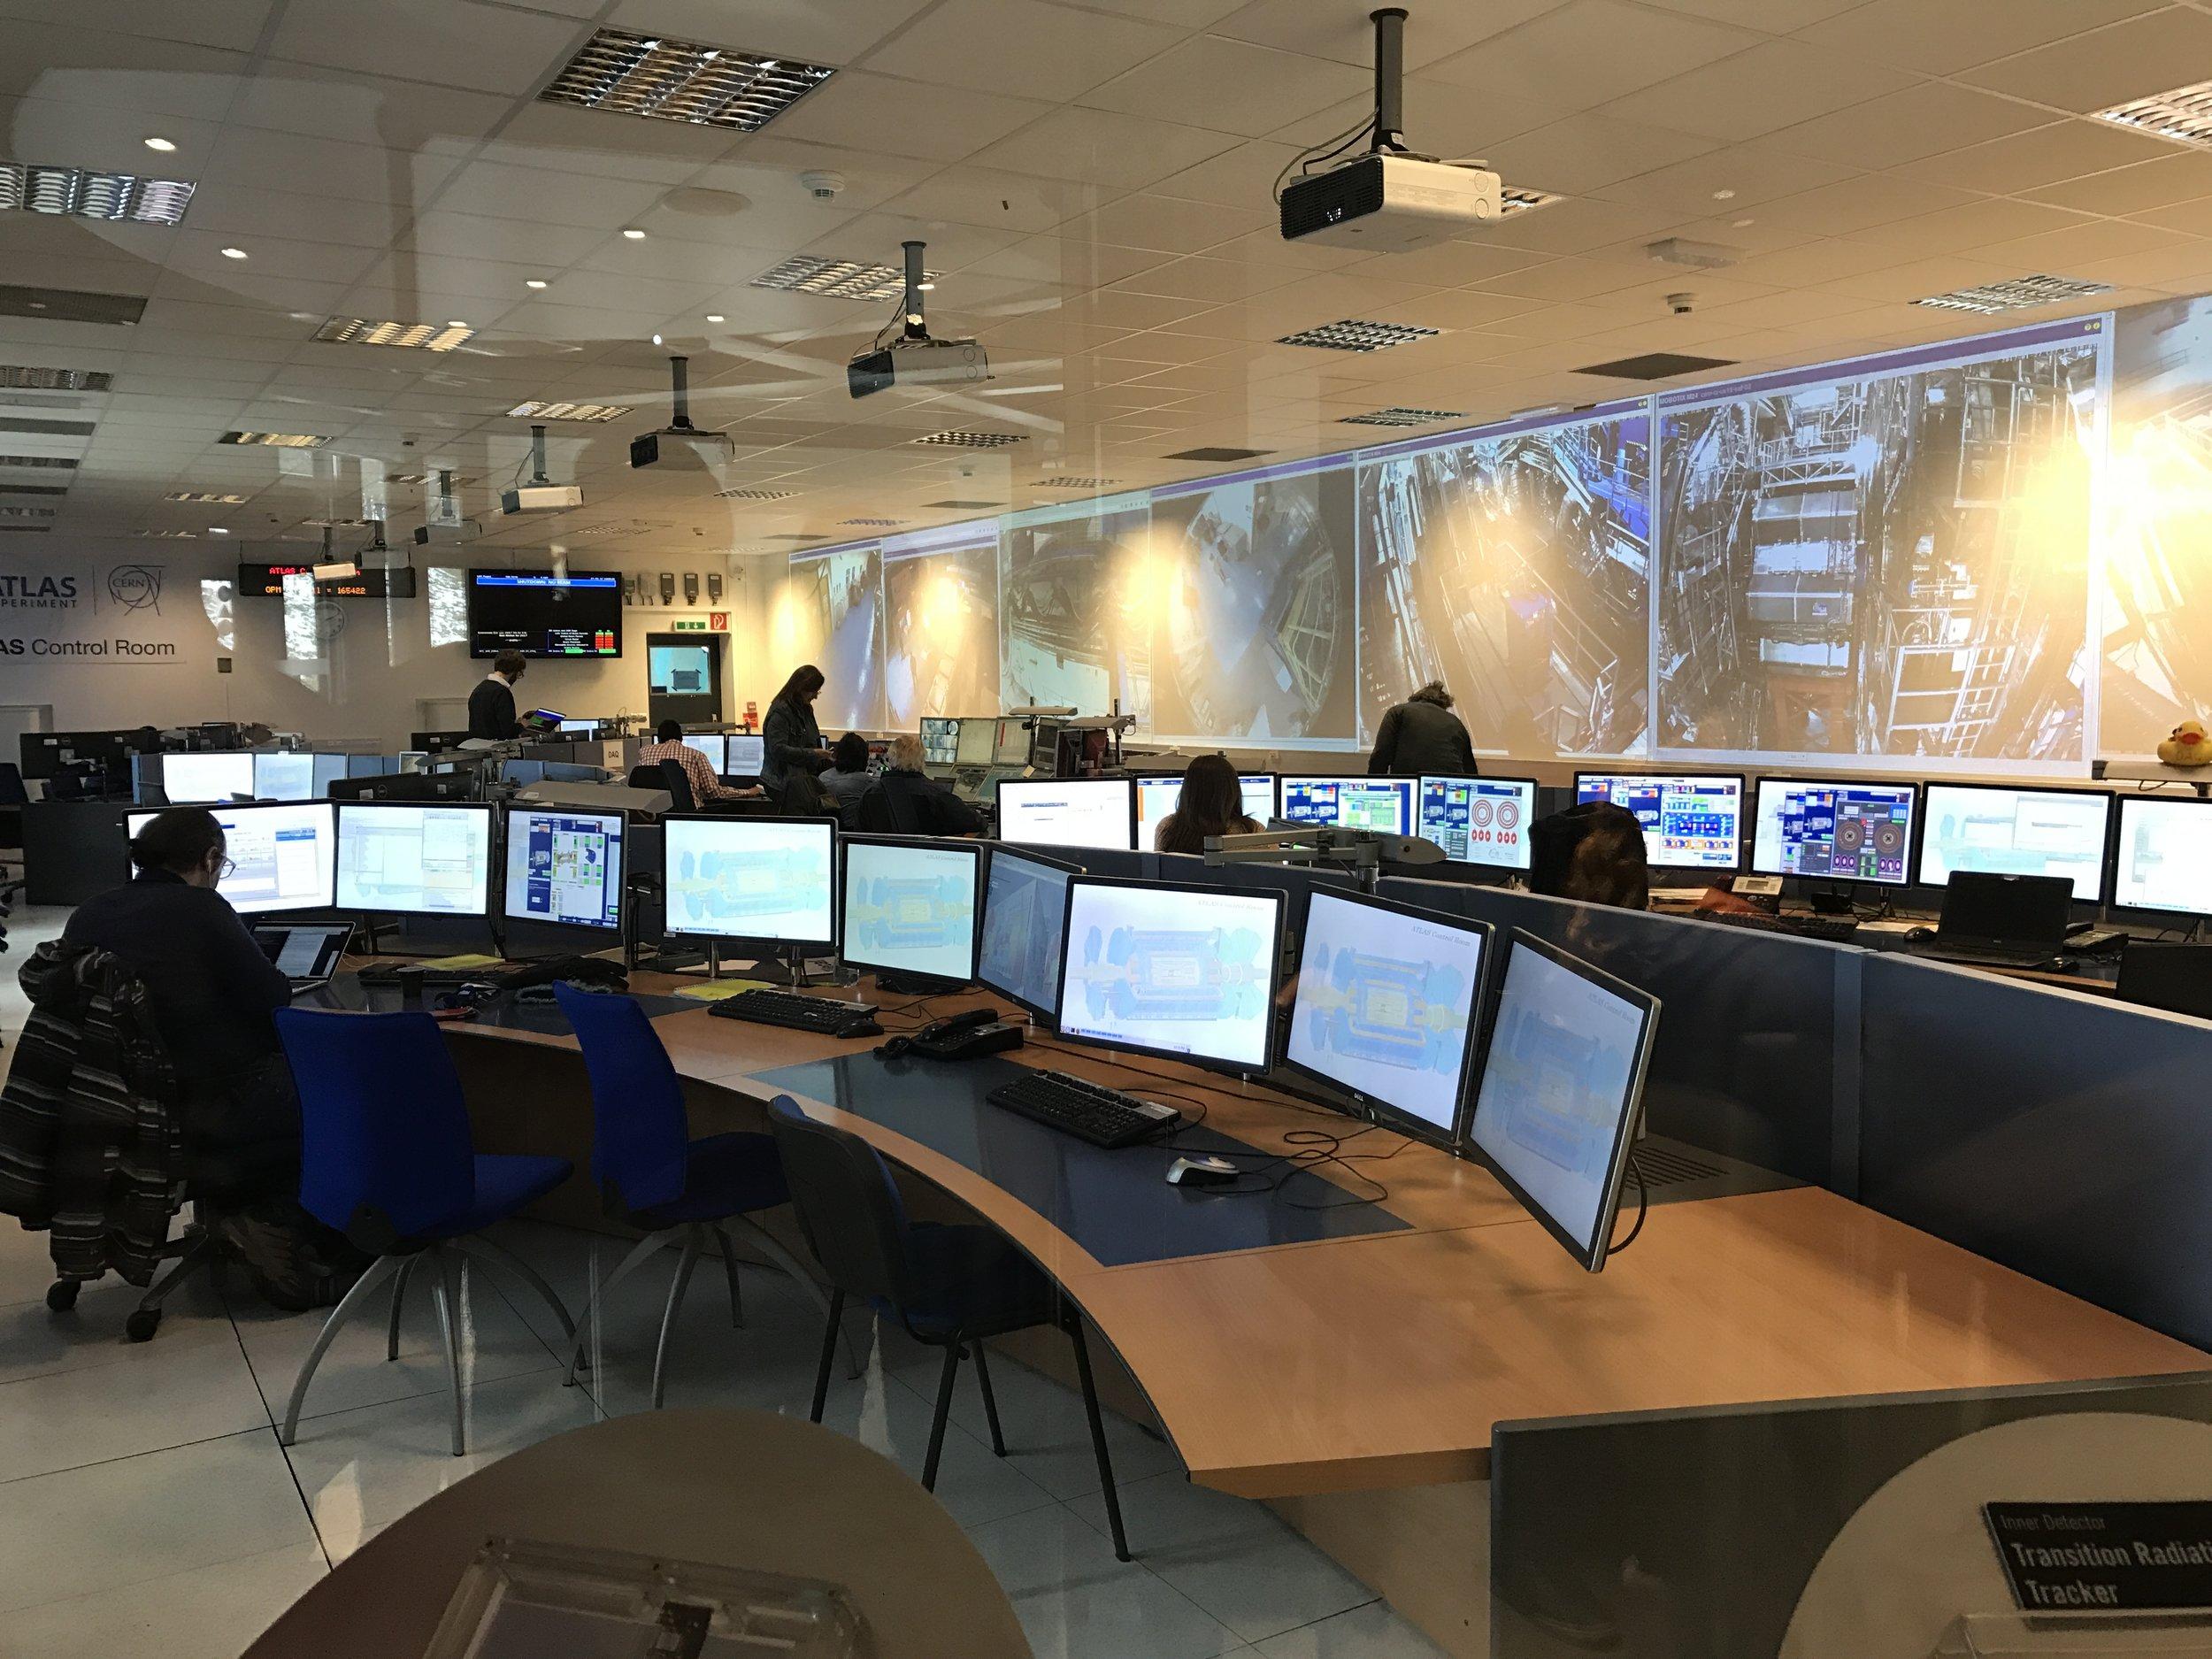 Wetenschappers aan het werk bij ATLAS; één van de meetpunten rond de deeltjesversneller